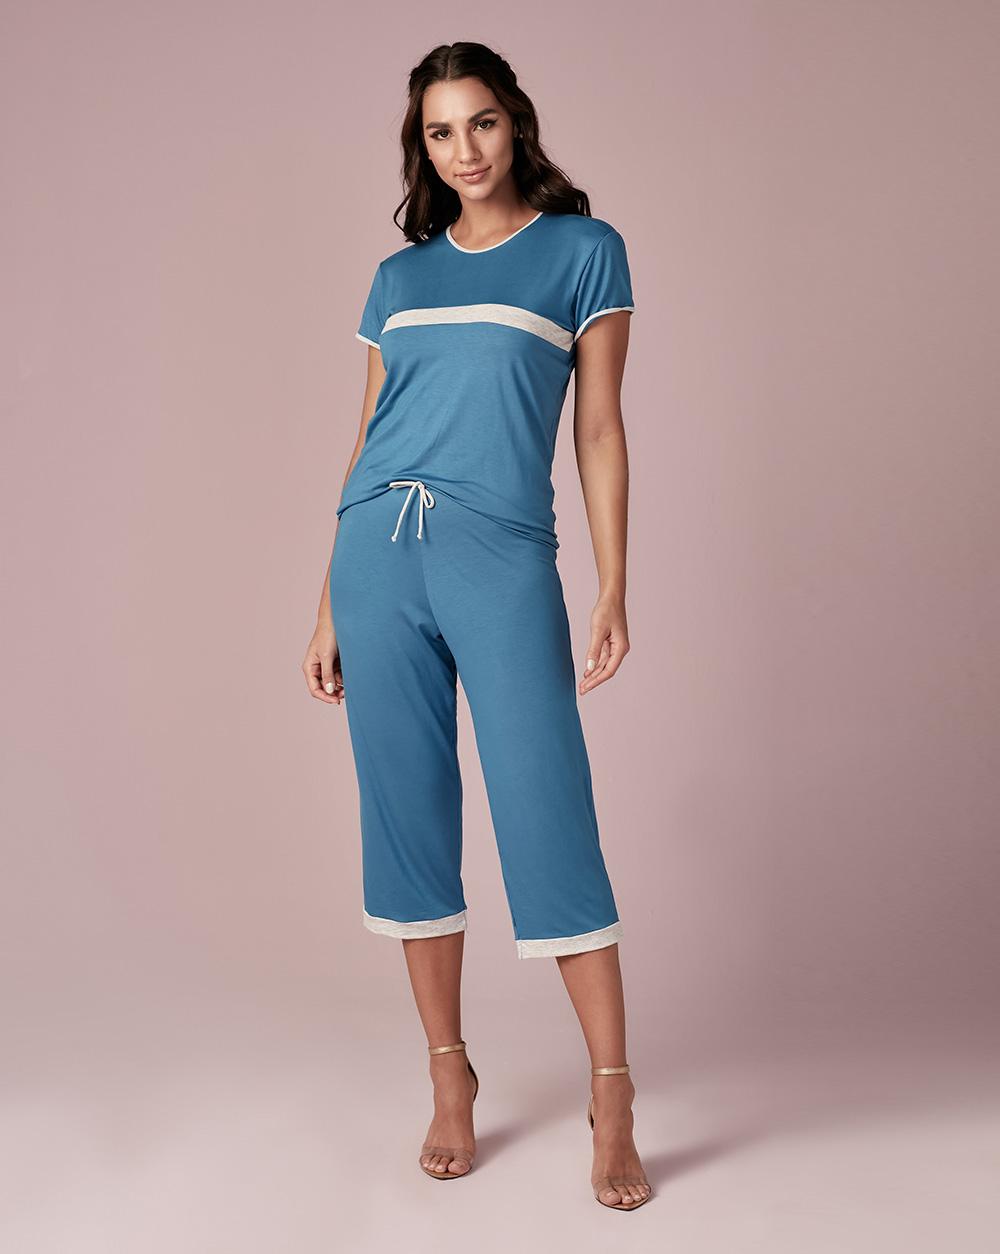 Pijama Meia Estação Viscose - Dukley Lingerie - Slim - 528